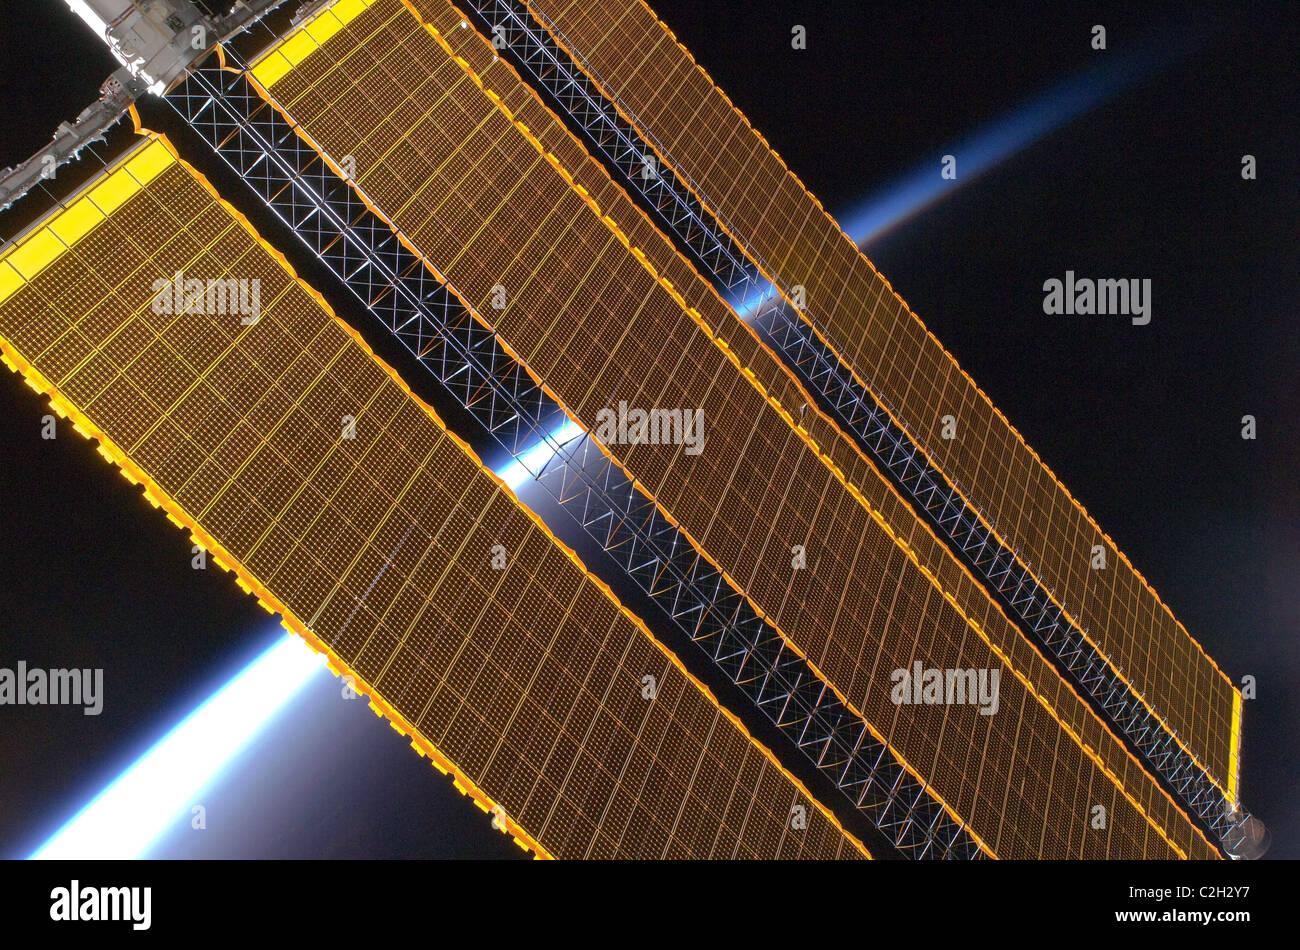 El horizonte de la tierra y la Estación Espacial Internacional solar paneles de matriz. Imagen De Stock